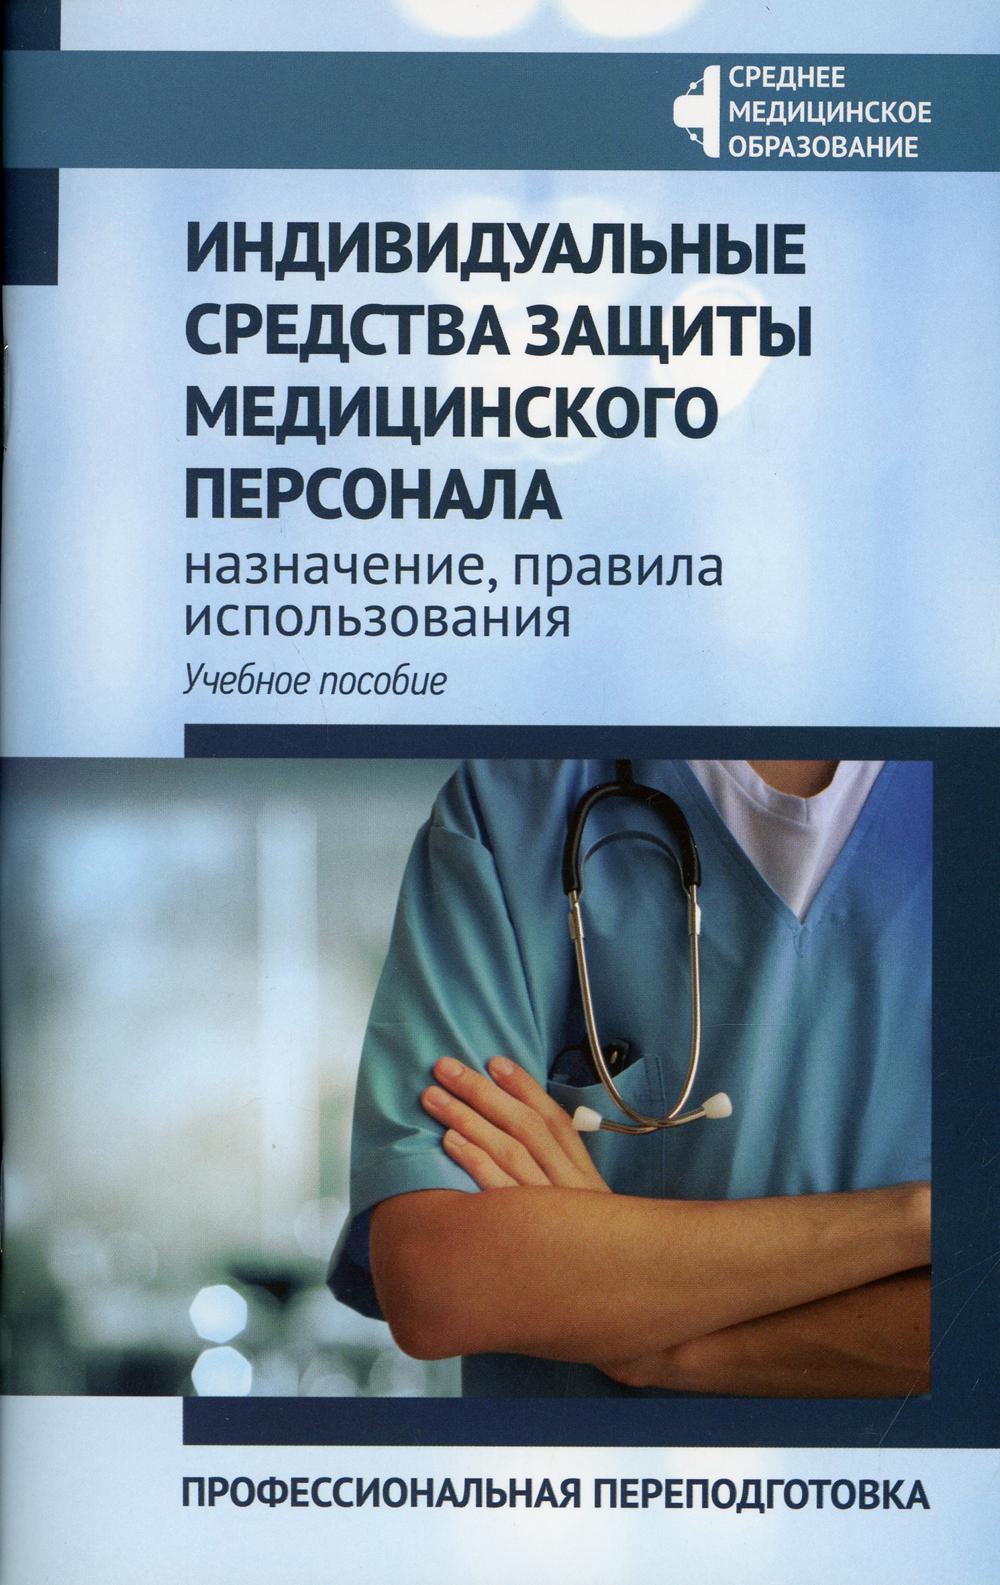 Индивидуальные средства защиты медицин.персонала:проф.переподготовка